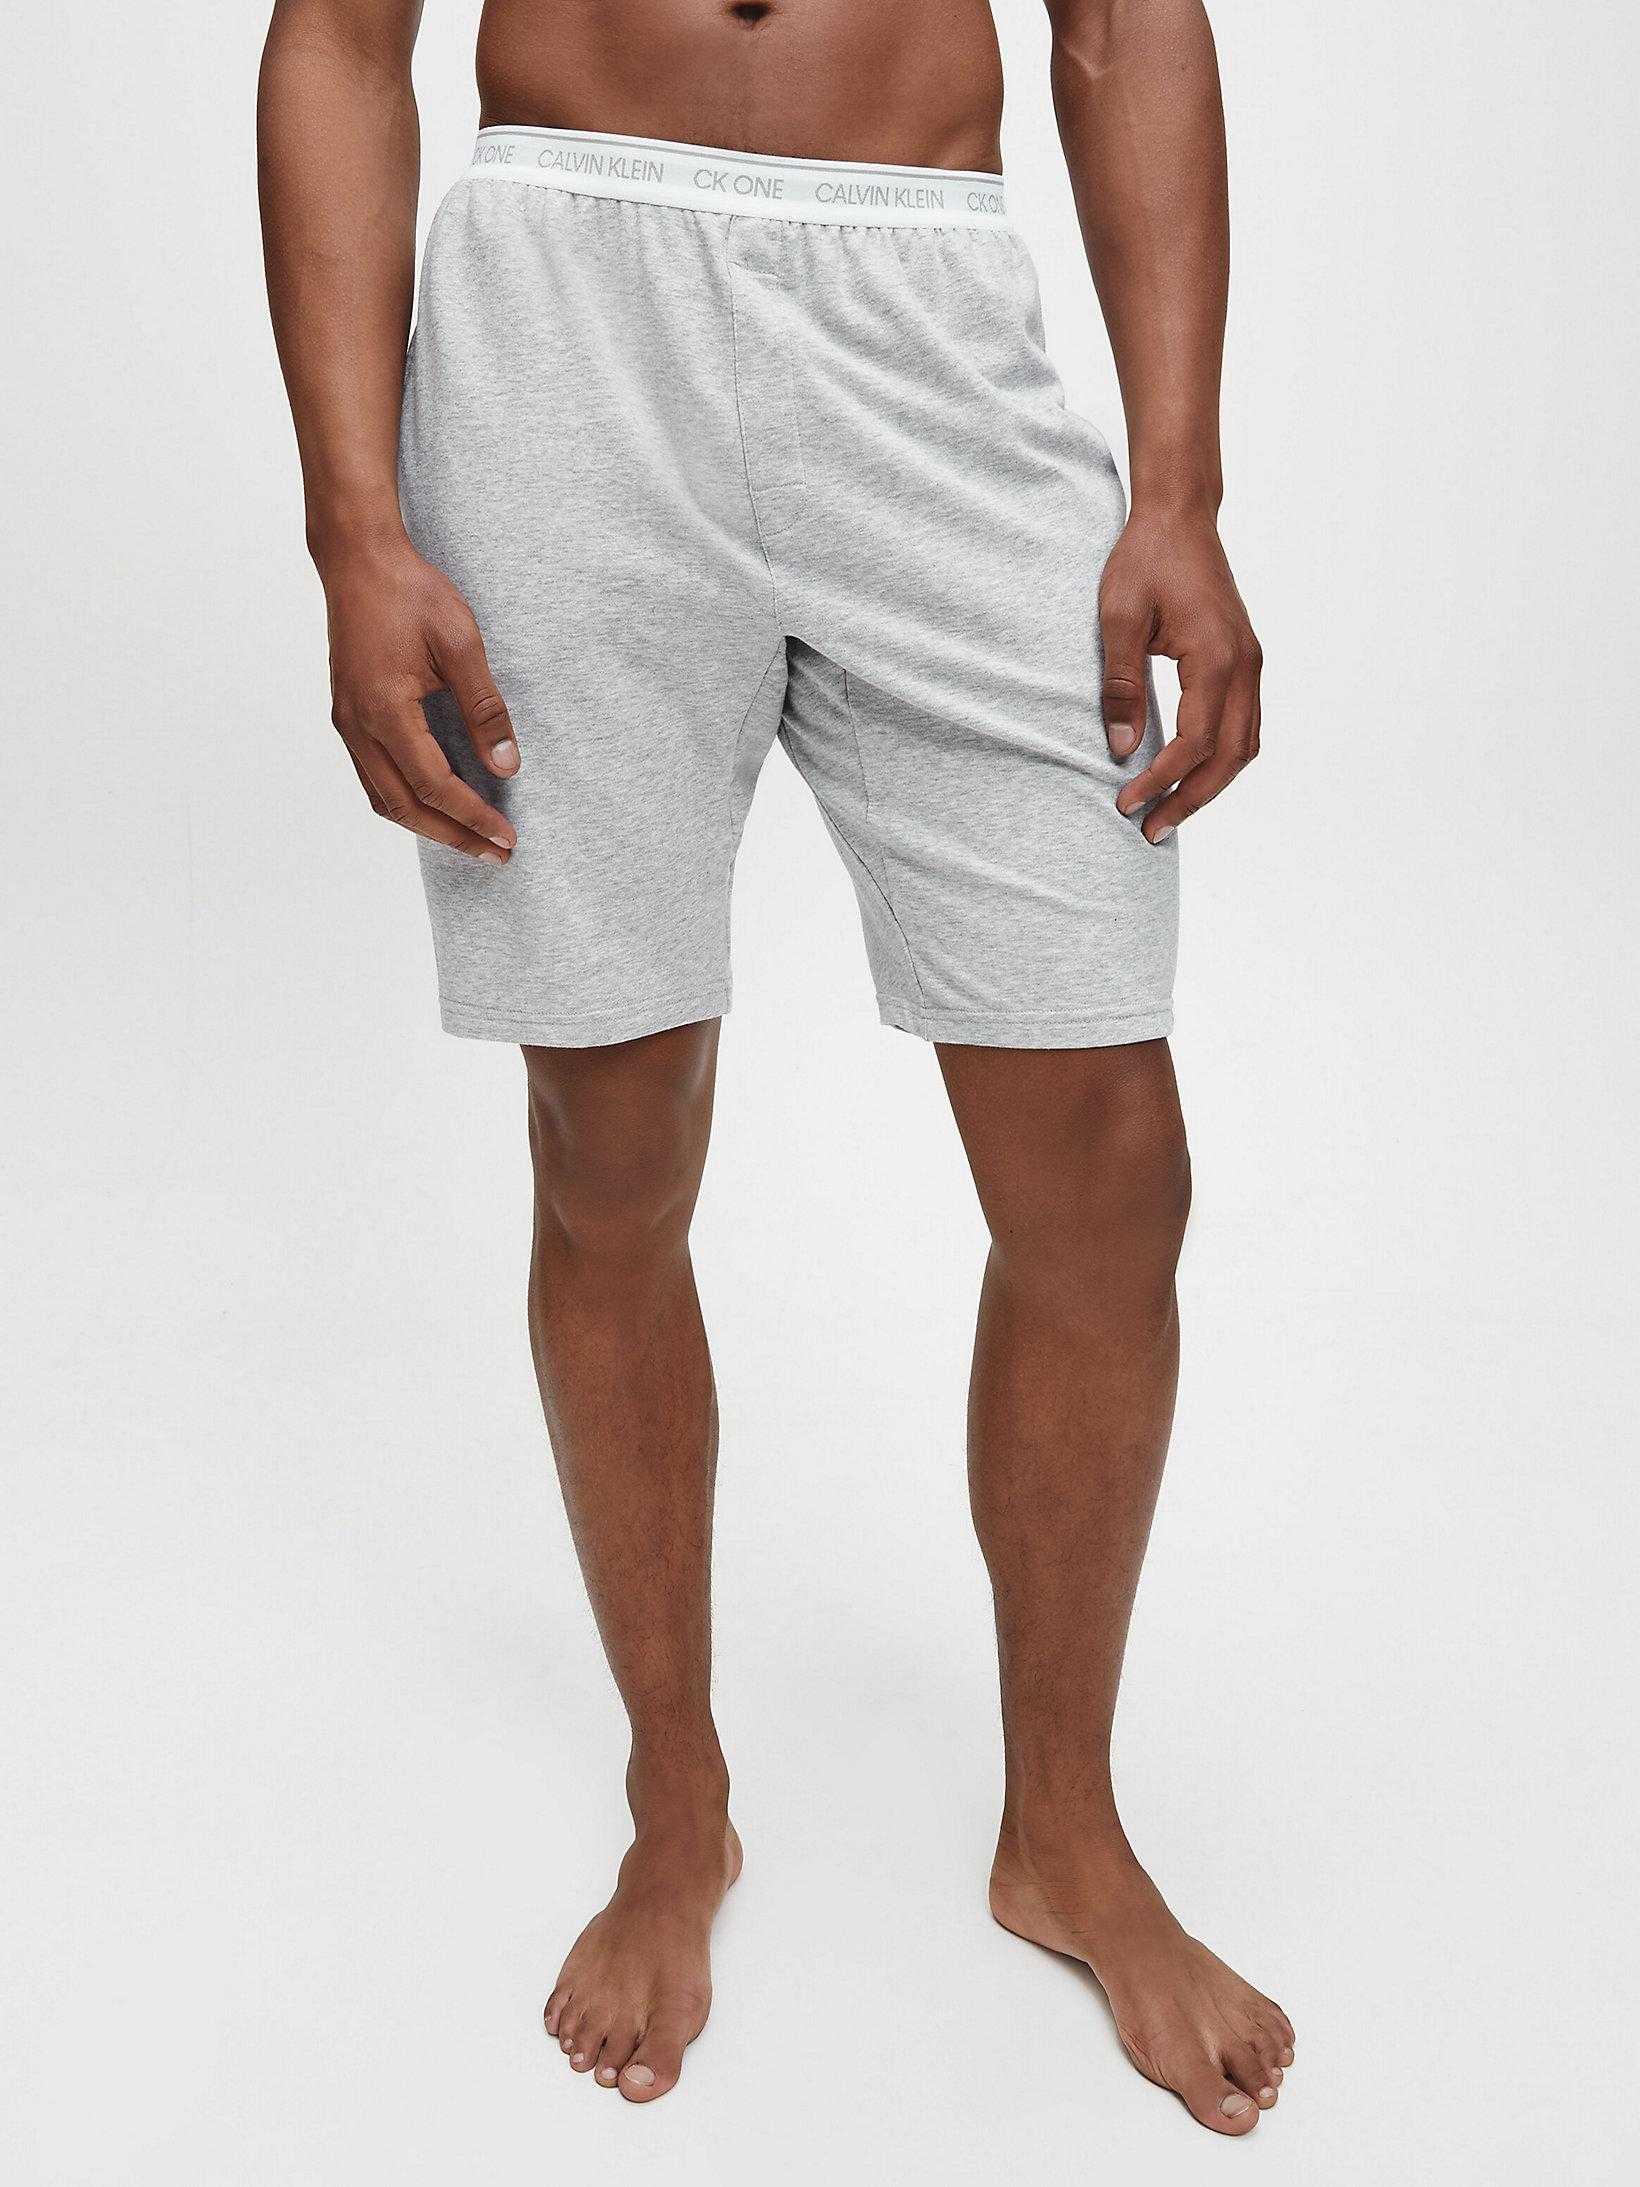 Pantalón Caballero CK One Cotton   -   - PEPI GUERRA